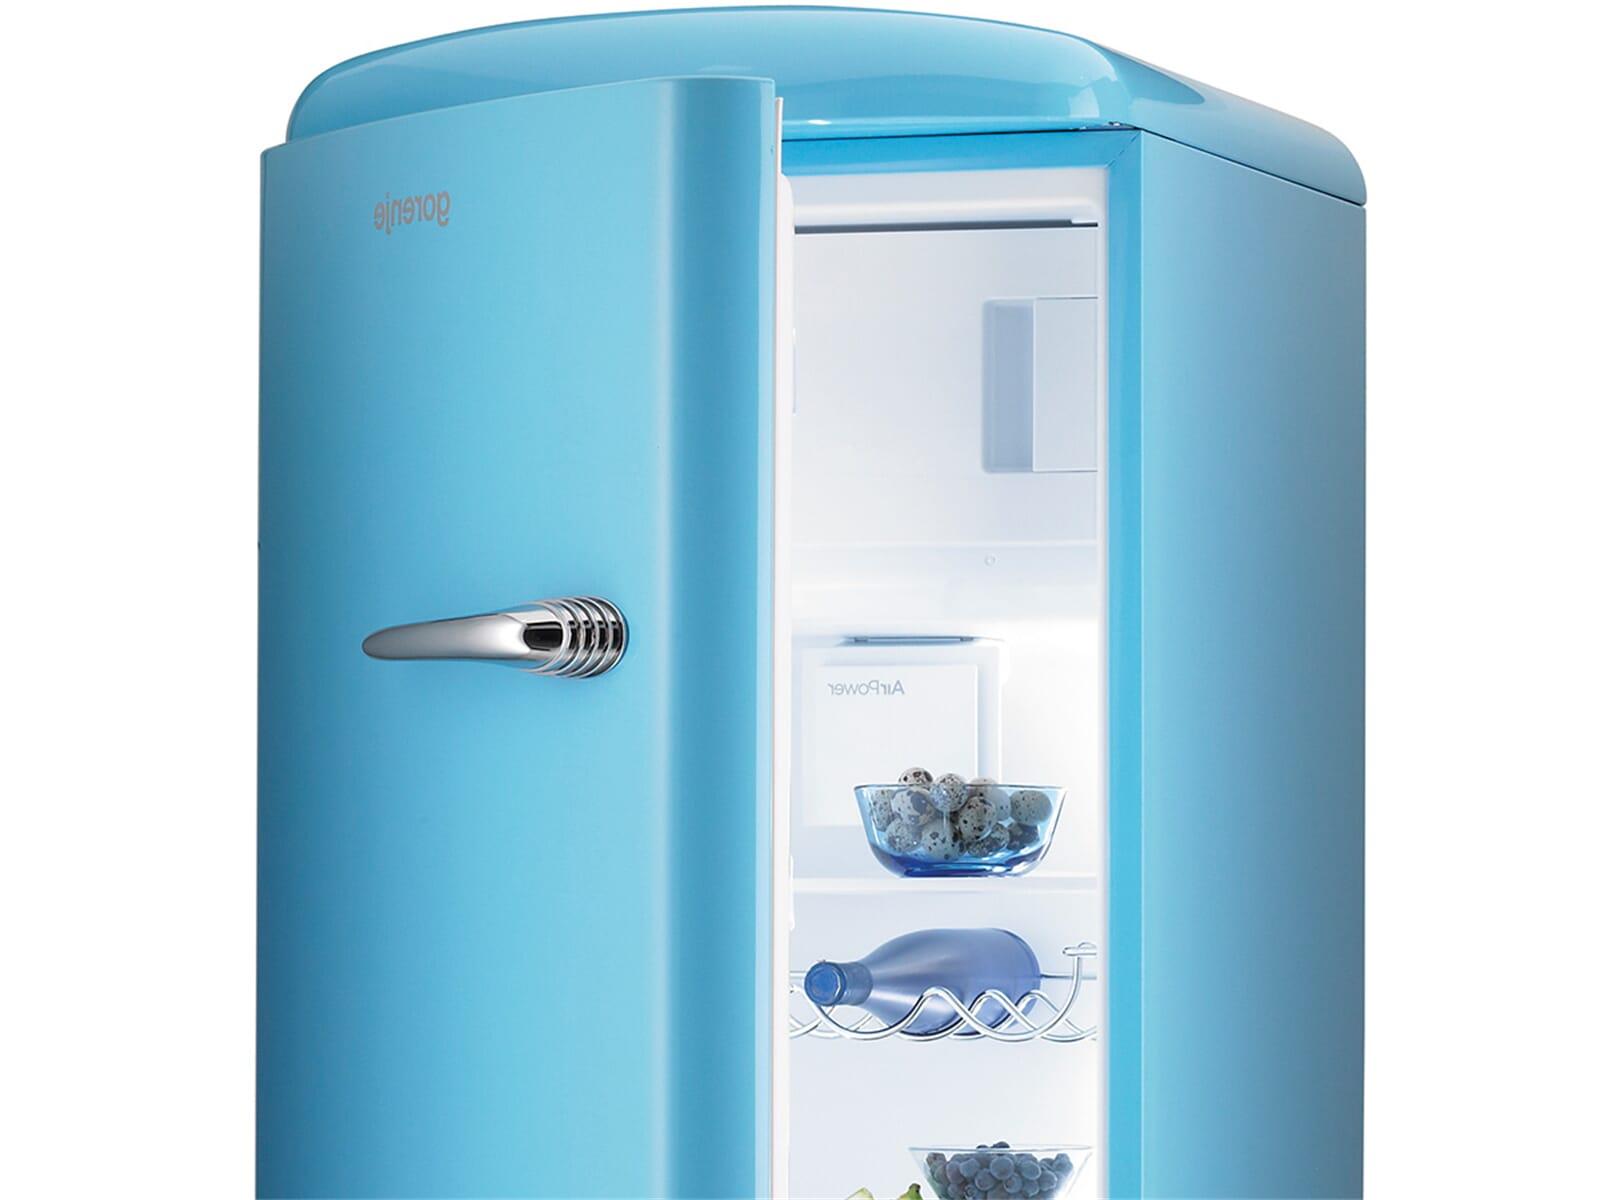 Gorenje Kühlschrank Retro Grün : Kühlschrank retro gorenje kühlschrank blau gorenje thomas s